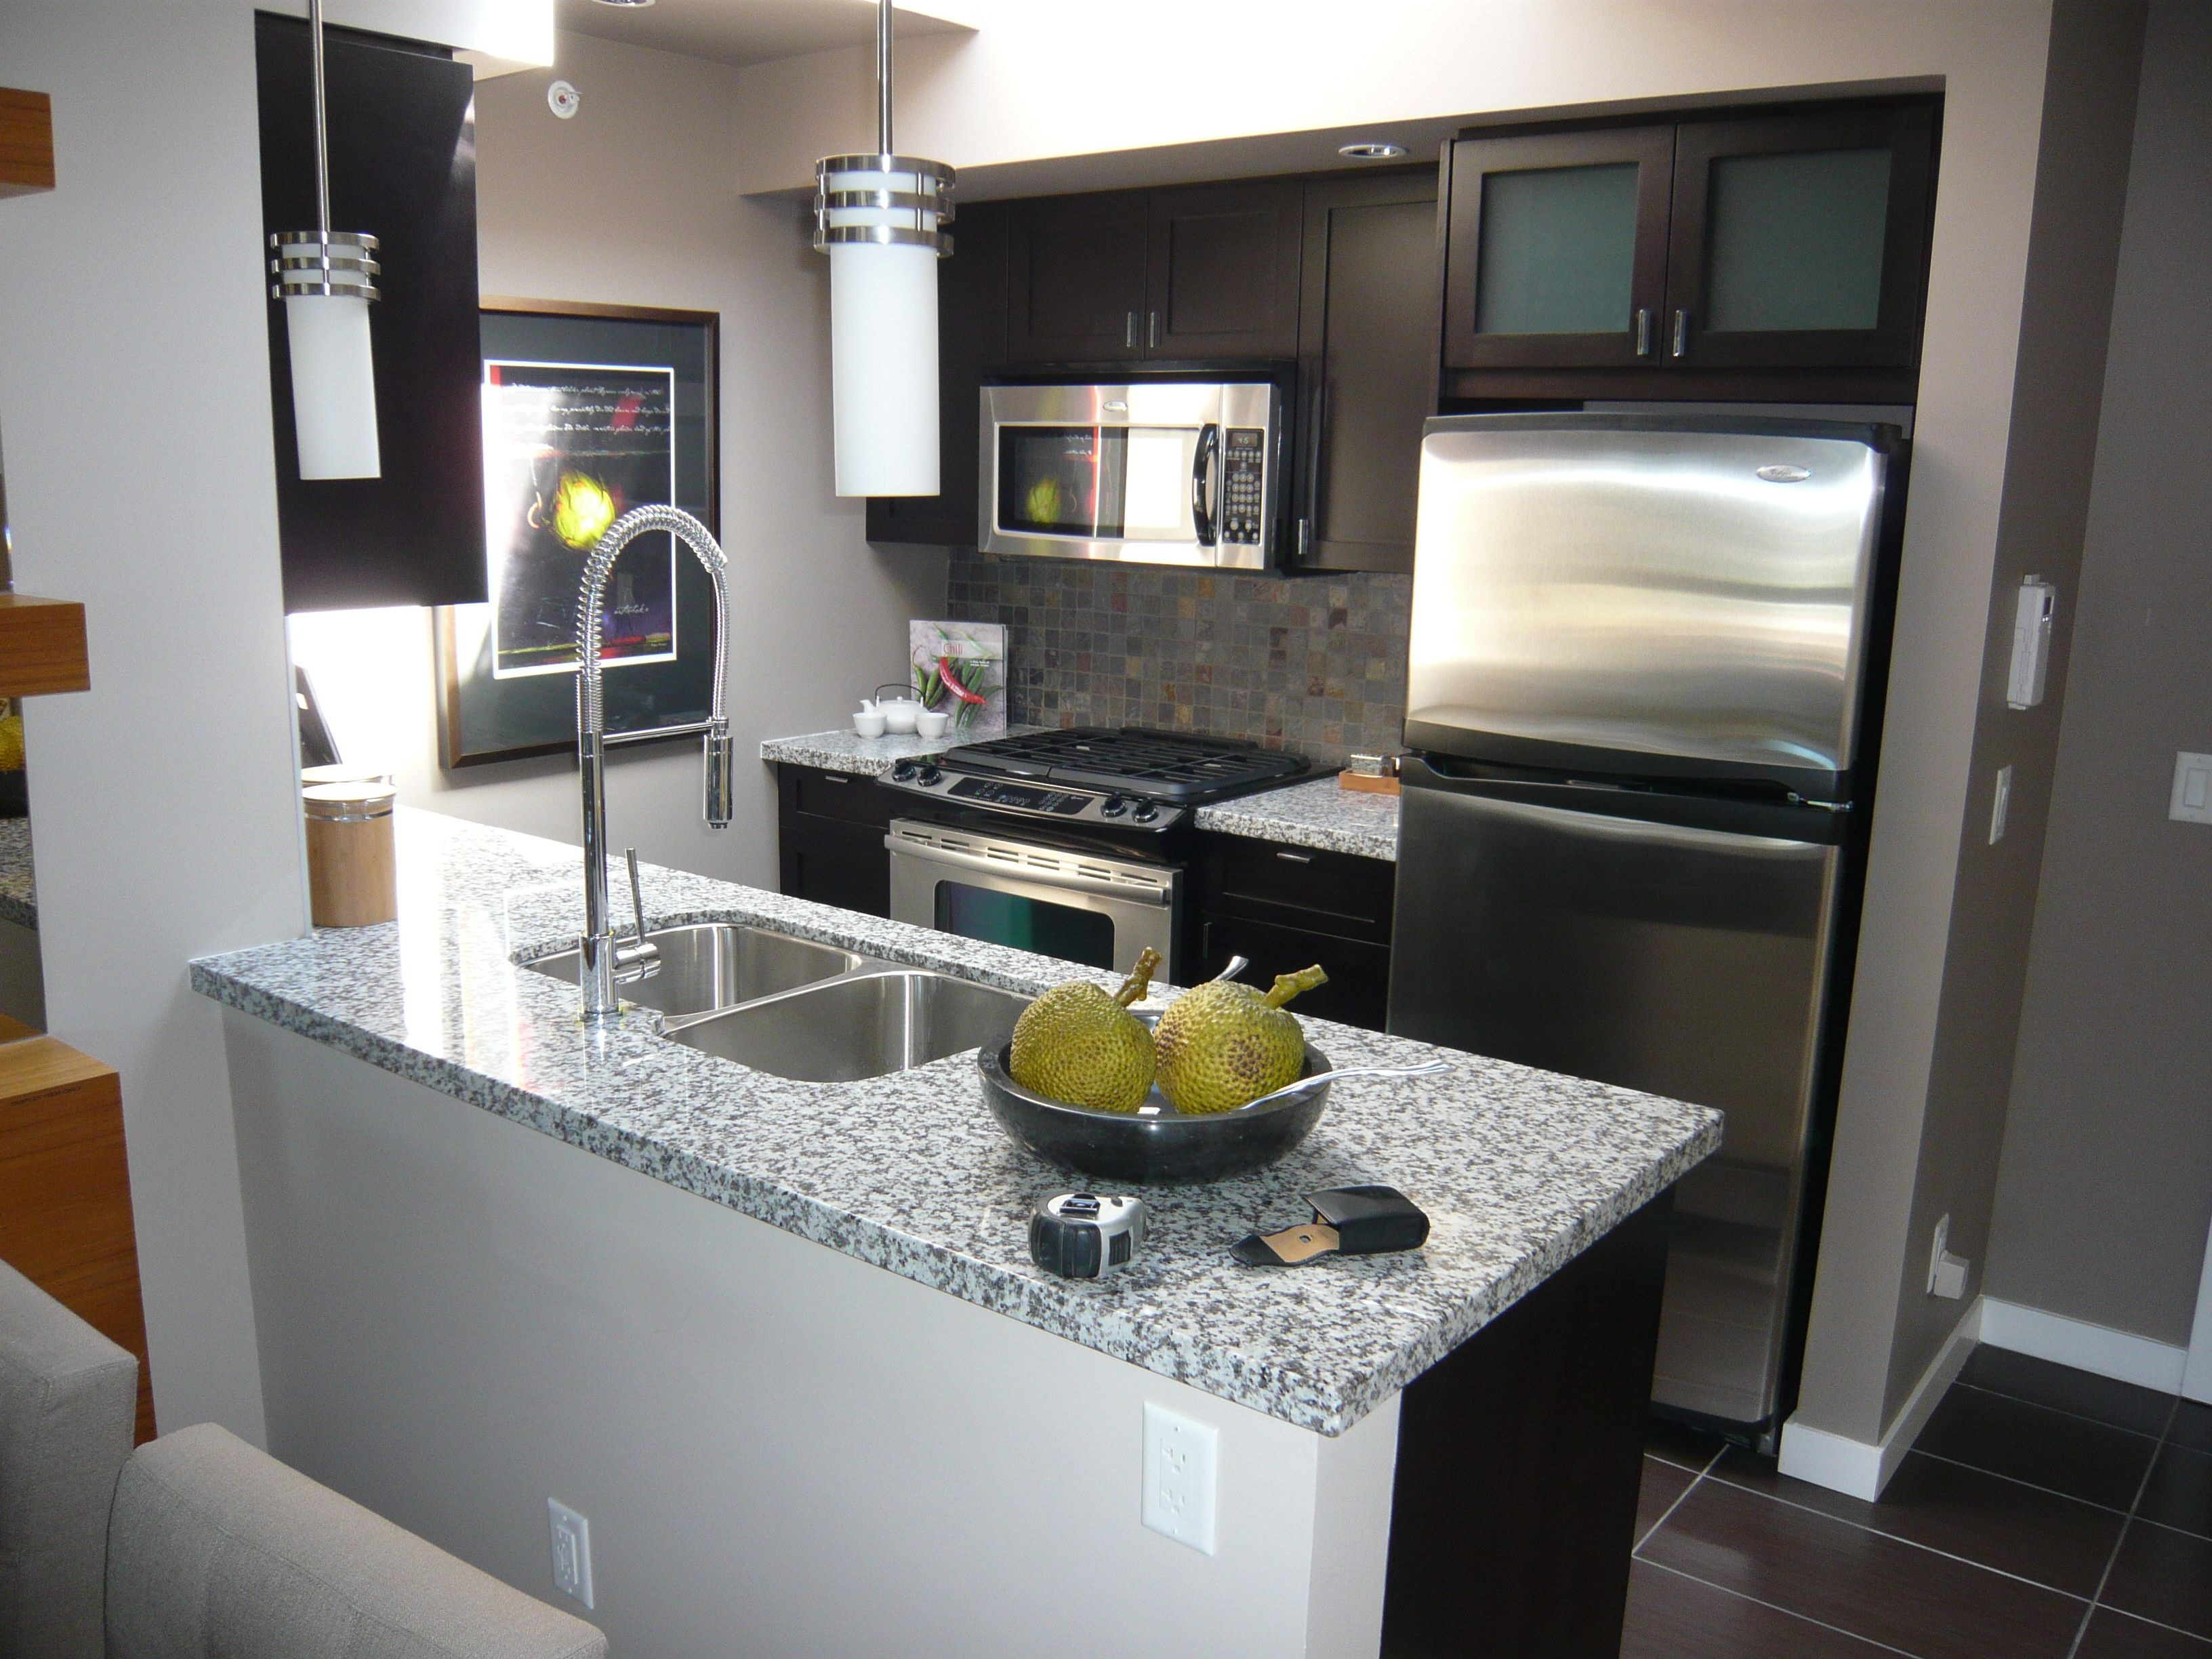 Small spaces - beautiful condo kitchen | home improvement ...